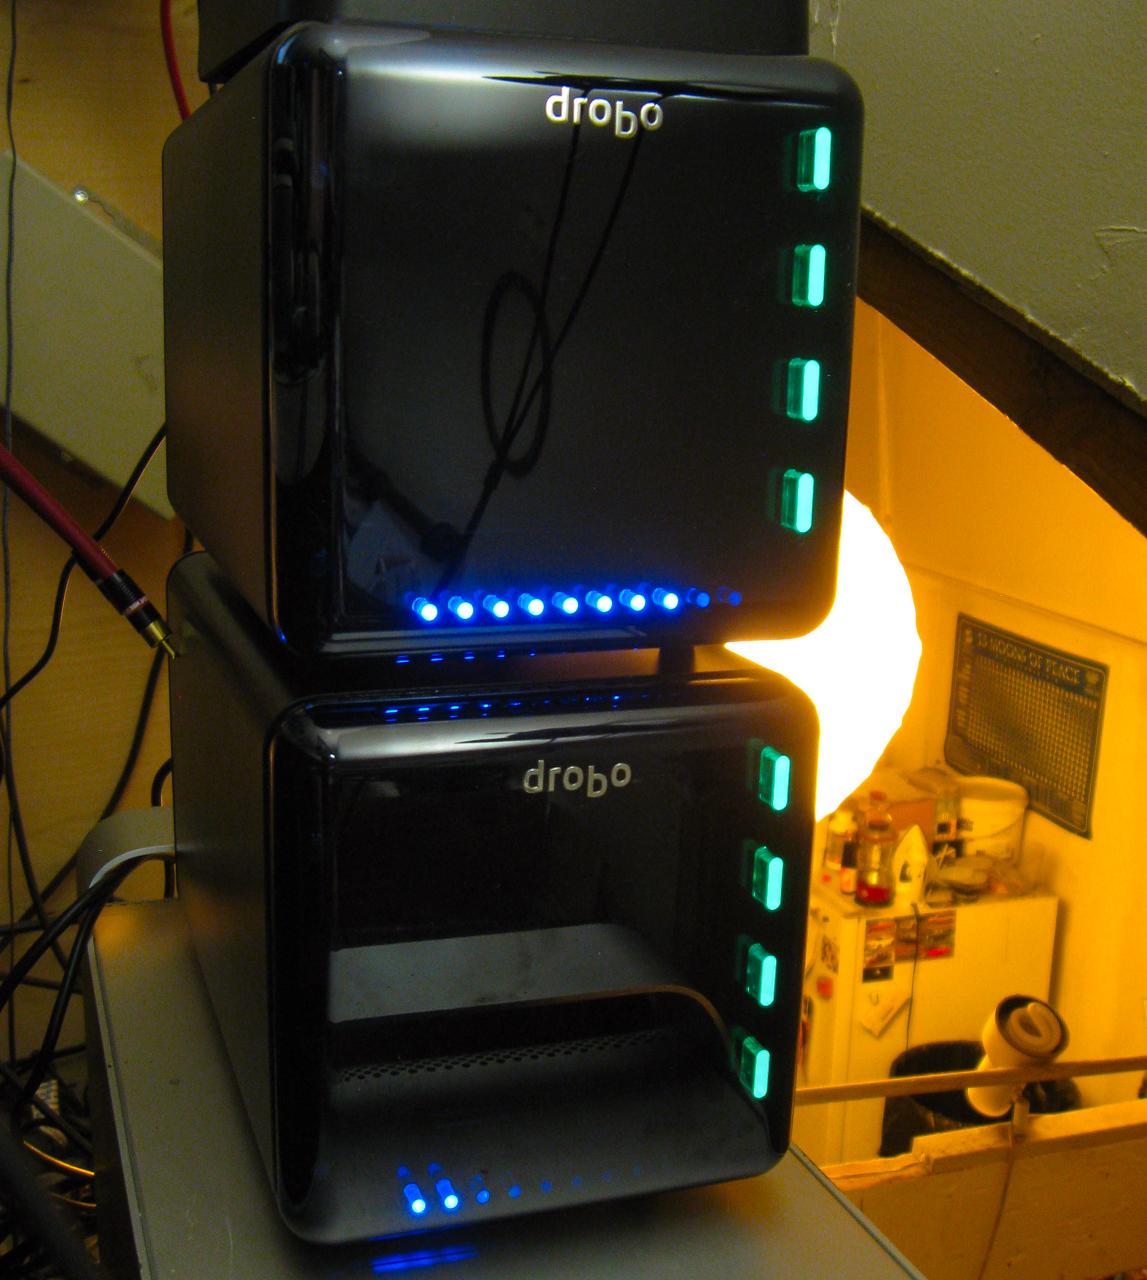 Drobos-2.jpg